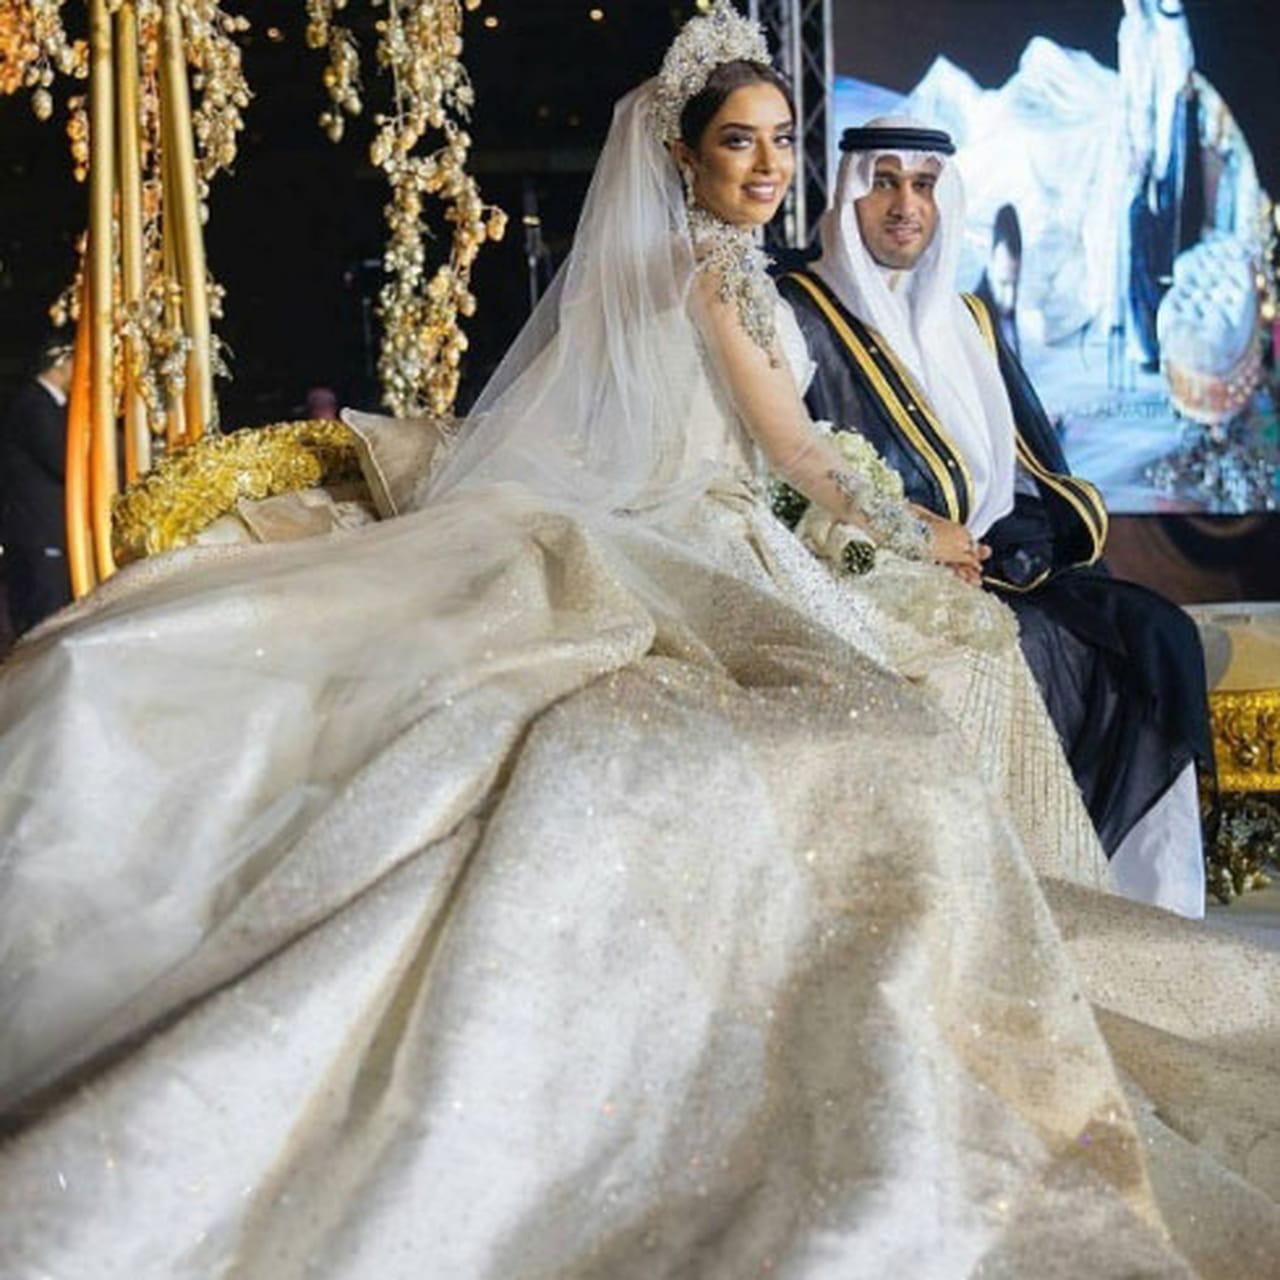 503723b76c614 في الصورة أعلاه نشاهد فستان زفاف كنده علوش في الحفل الرئيسي والأكبر والذي  أقيم في فندق كتراكت الخاص بمسلسل جراند أوتيل للنجم عمرو يوسف.